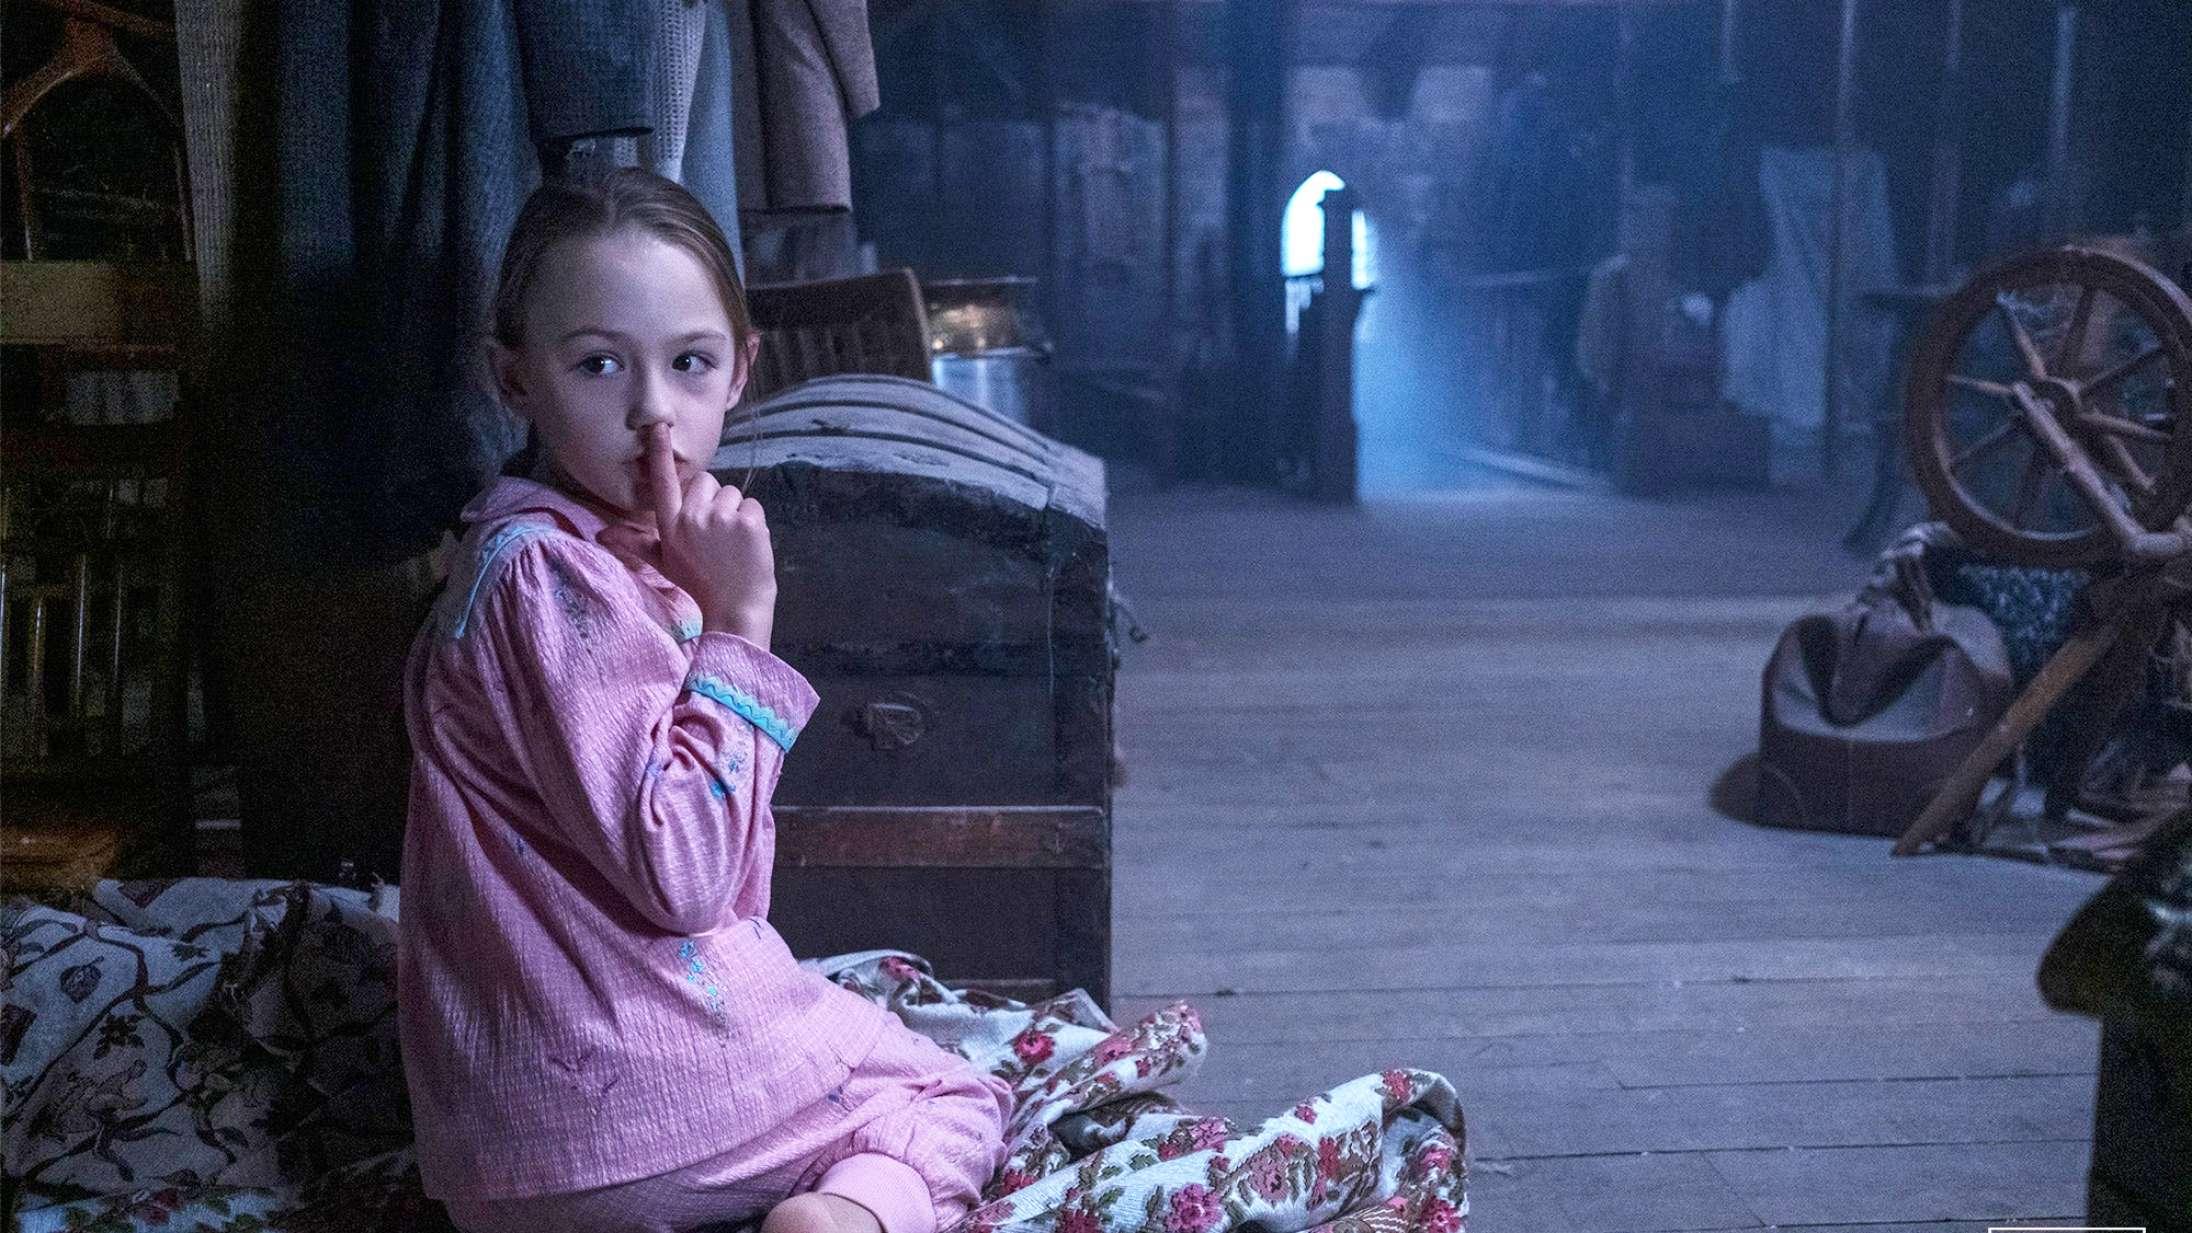 Kommer der en tredje sæson efter 'The Haunting of Hill House' og 'Bly Manor'?